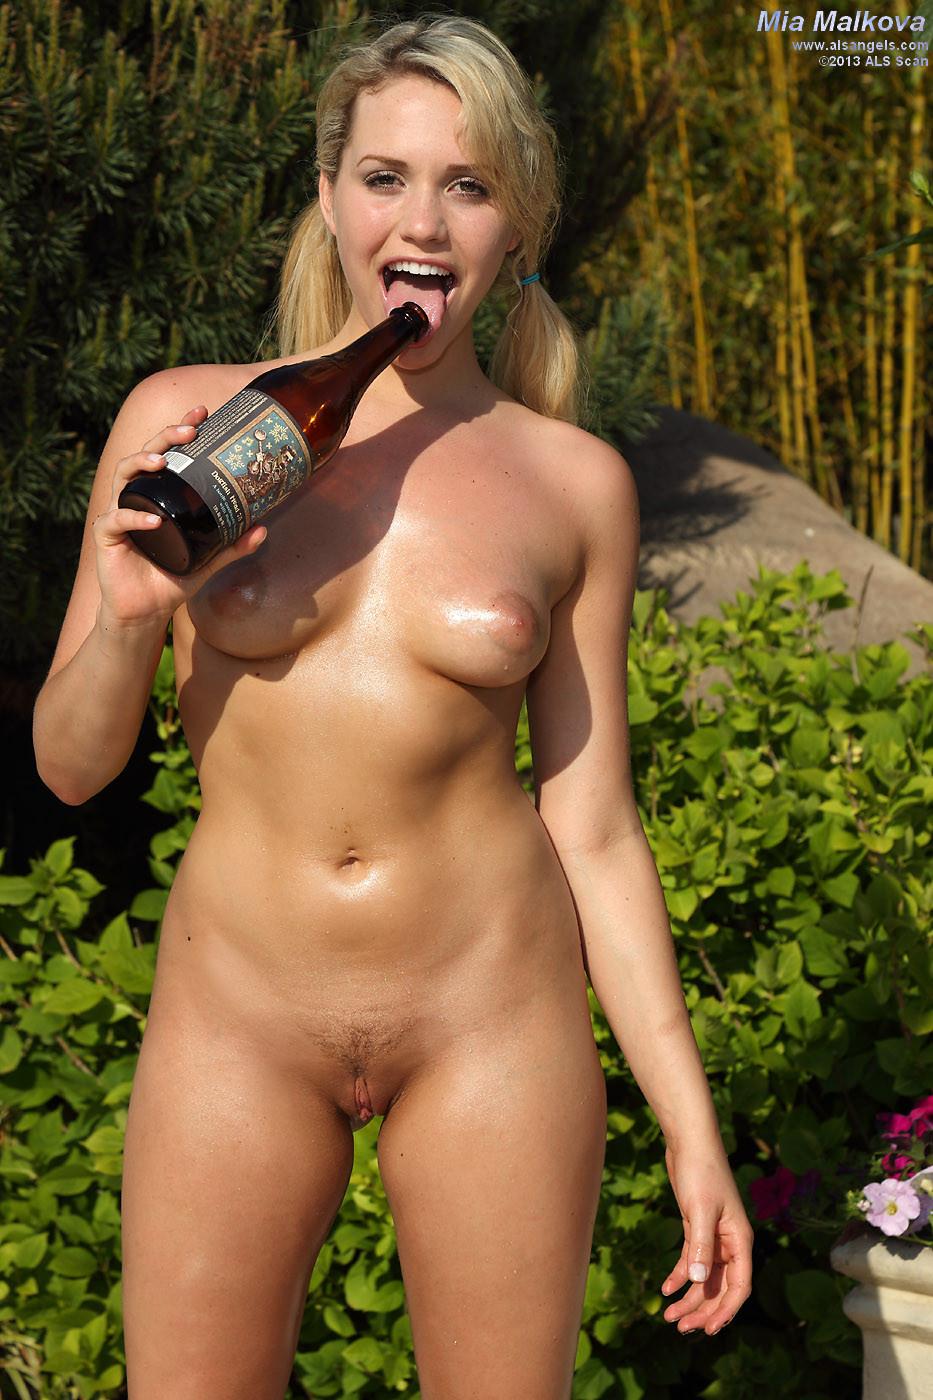 Миа Маликова подготавливает свою киску и вставляет в нее большую бутылку, насколько можно